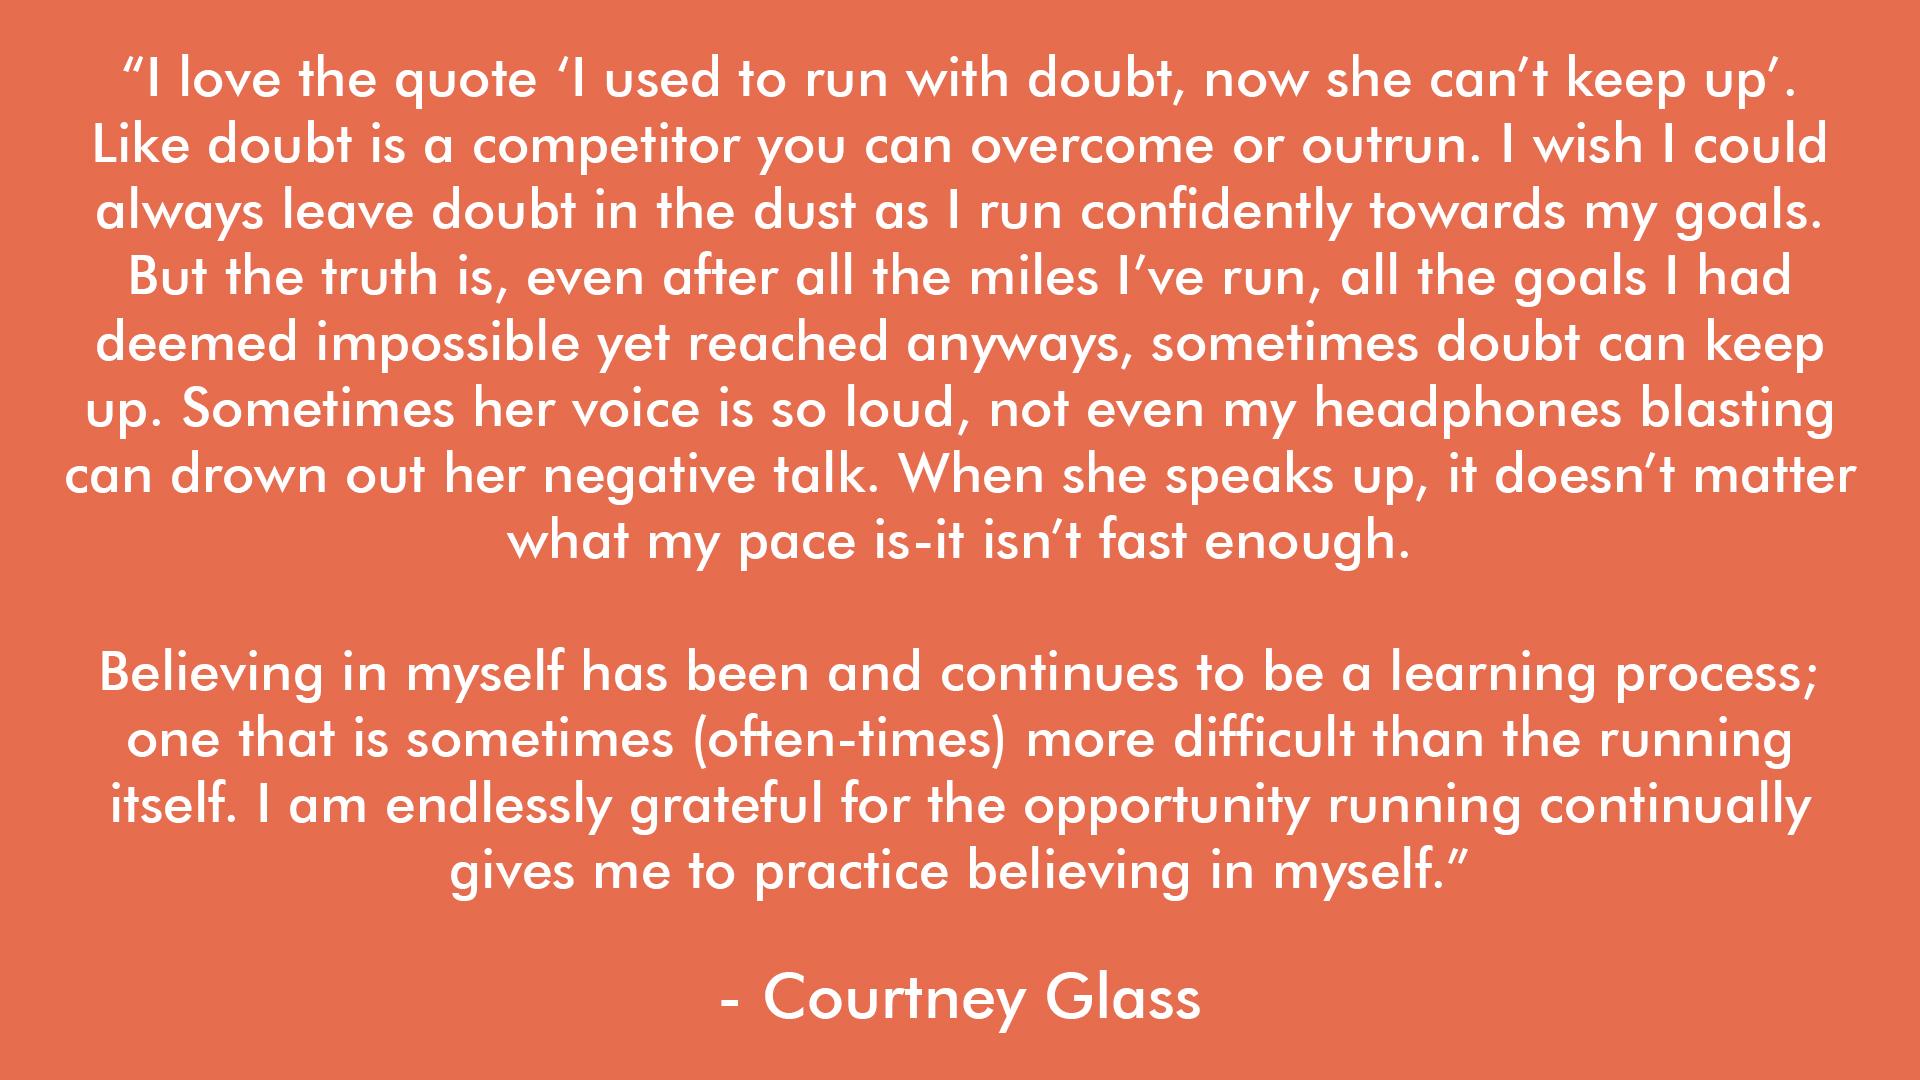 Courtney glass.jpg